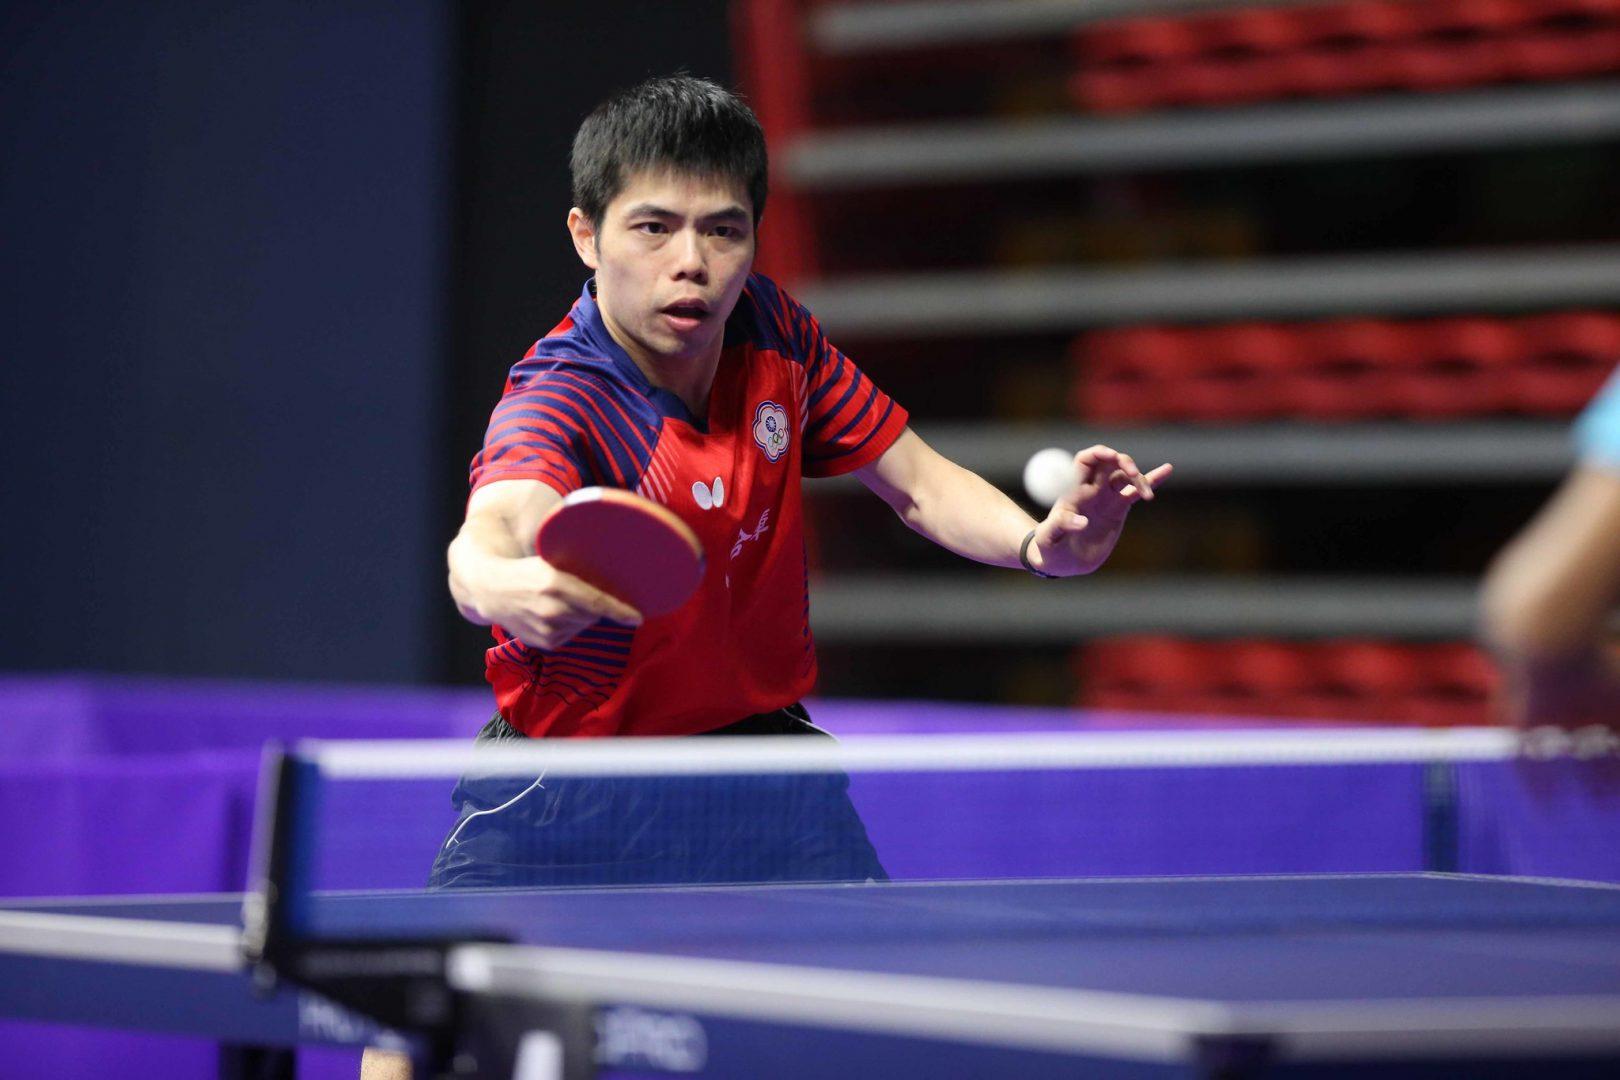 台湾卓球界のレジェンド・荘智淵、代表チーム引退へ